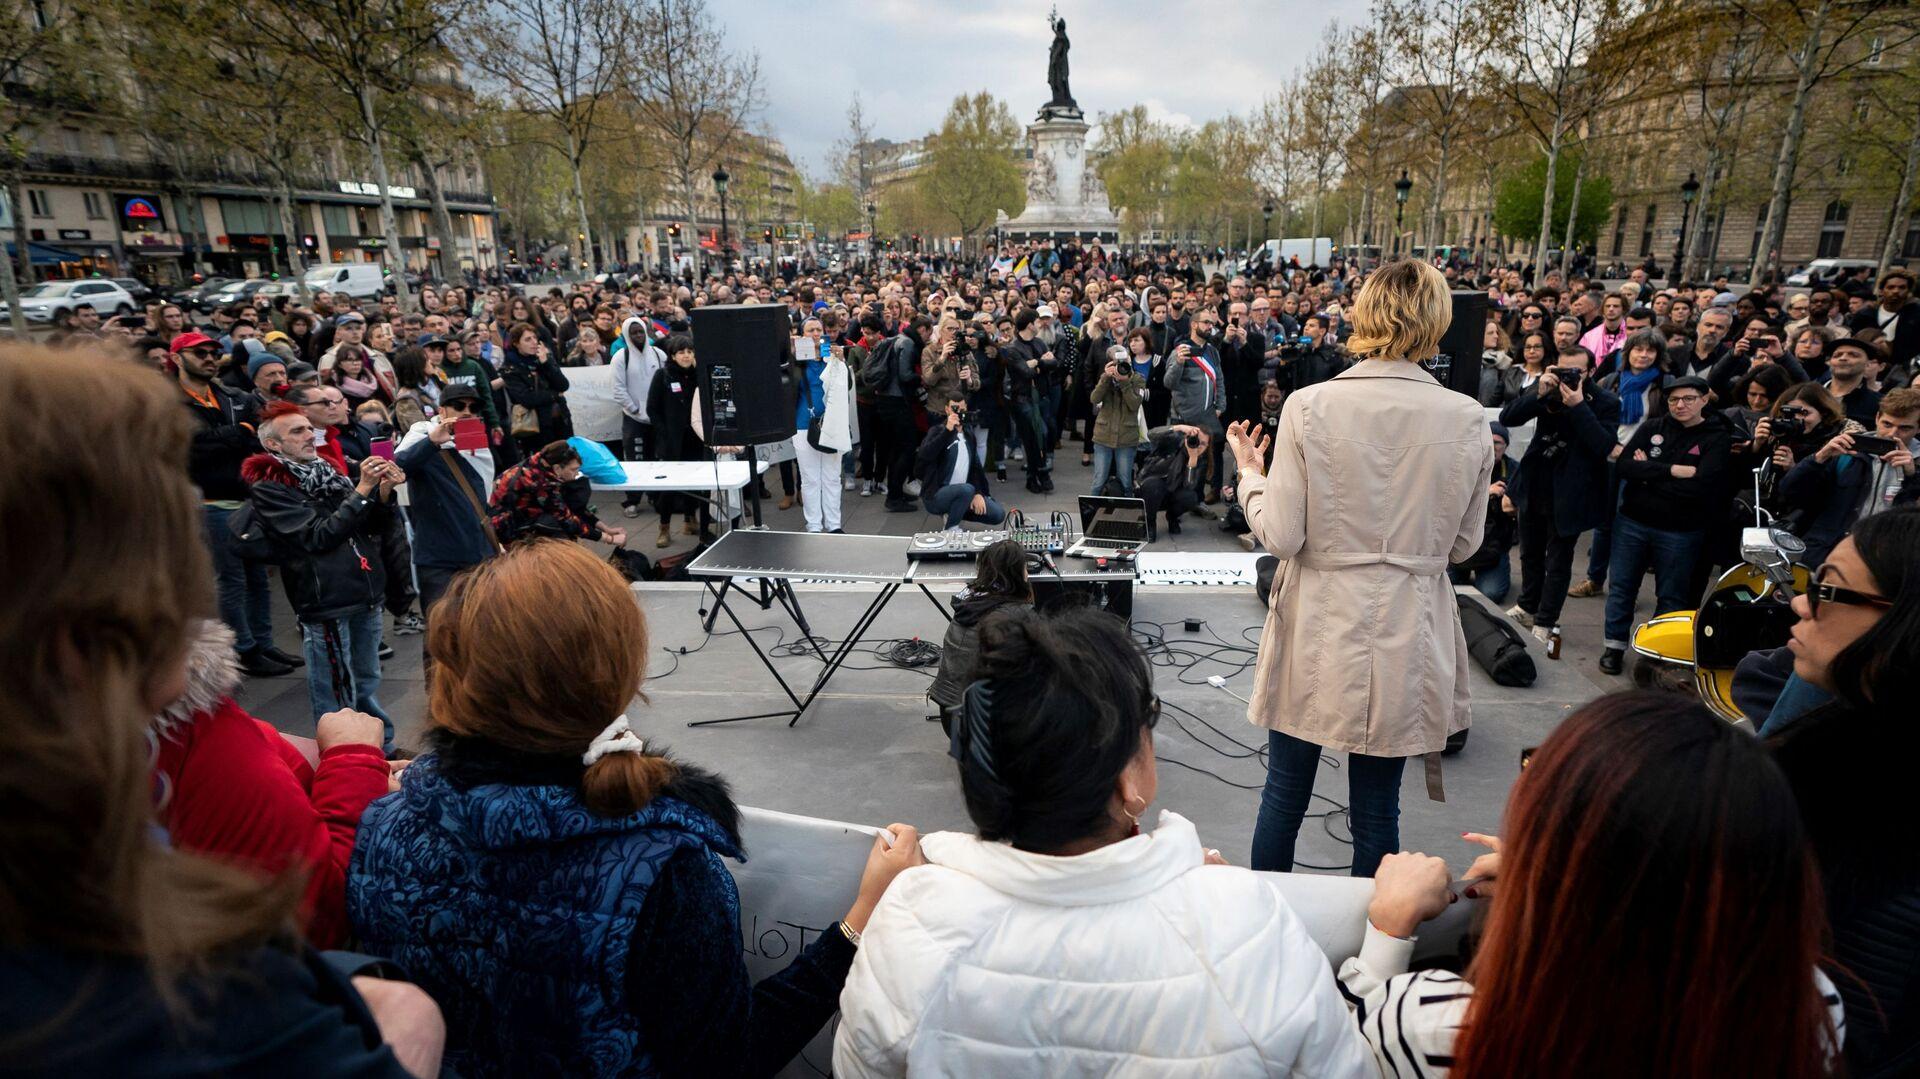 Люди присутствуют на демонстрации в поддержку прав трансгендеров и интерсексуалов и протеста против дискриминации в Париже 9 апреля 2019 г. - Sputnik Абхазия, 1920, 10.10.2021